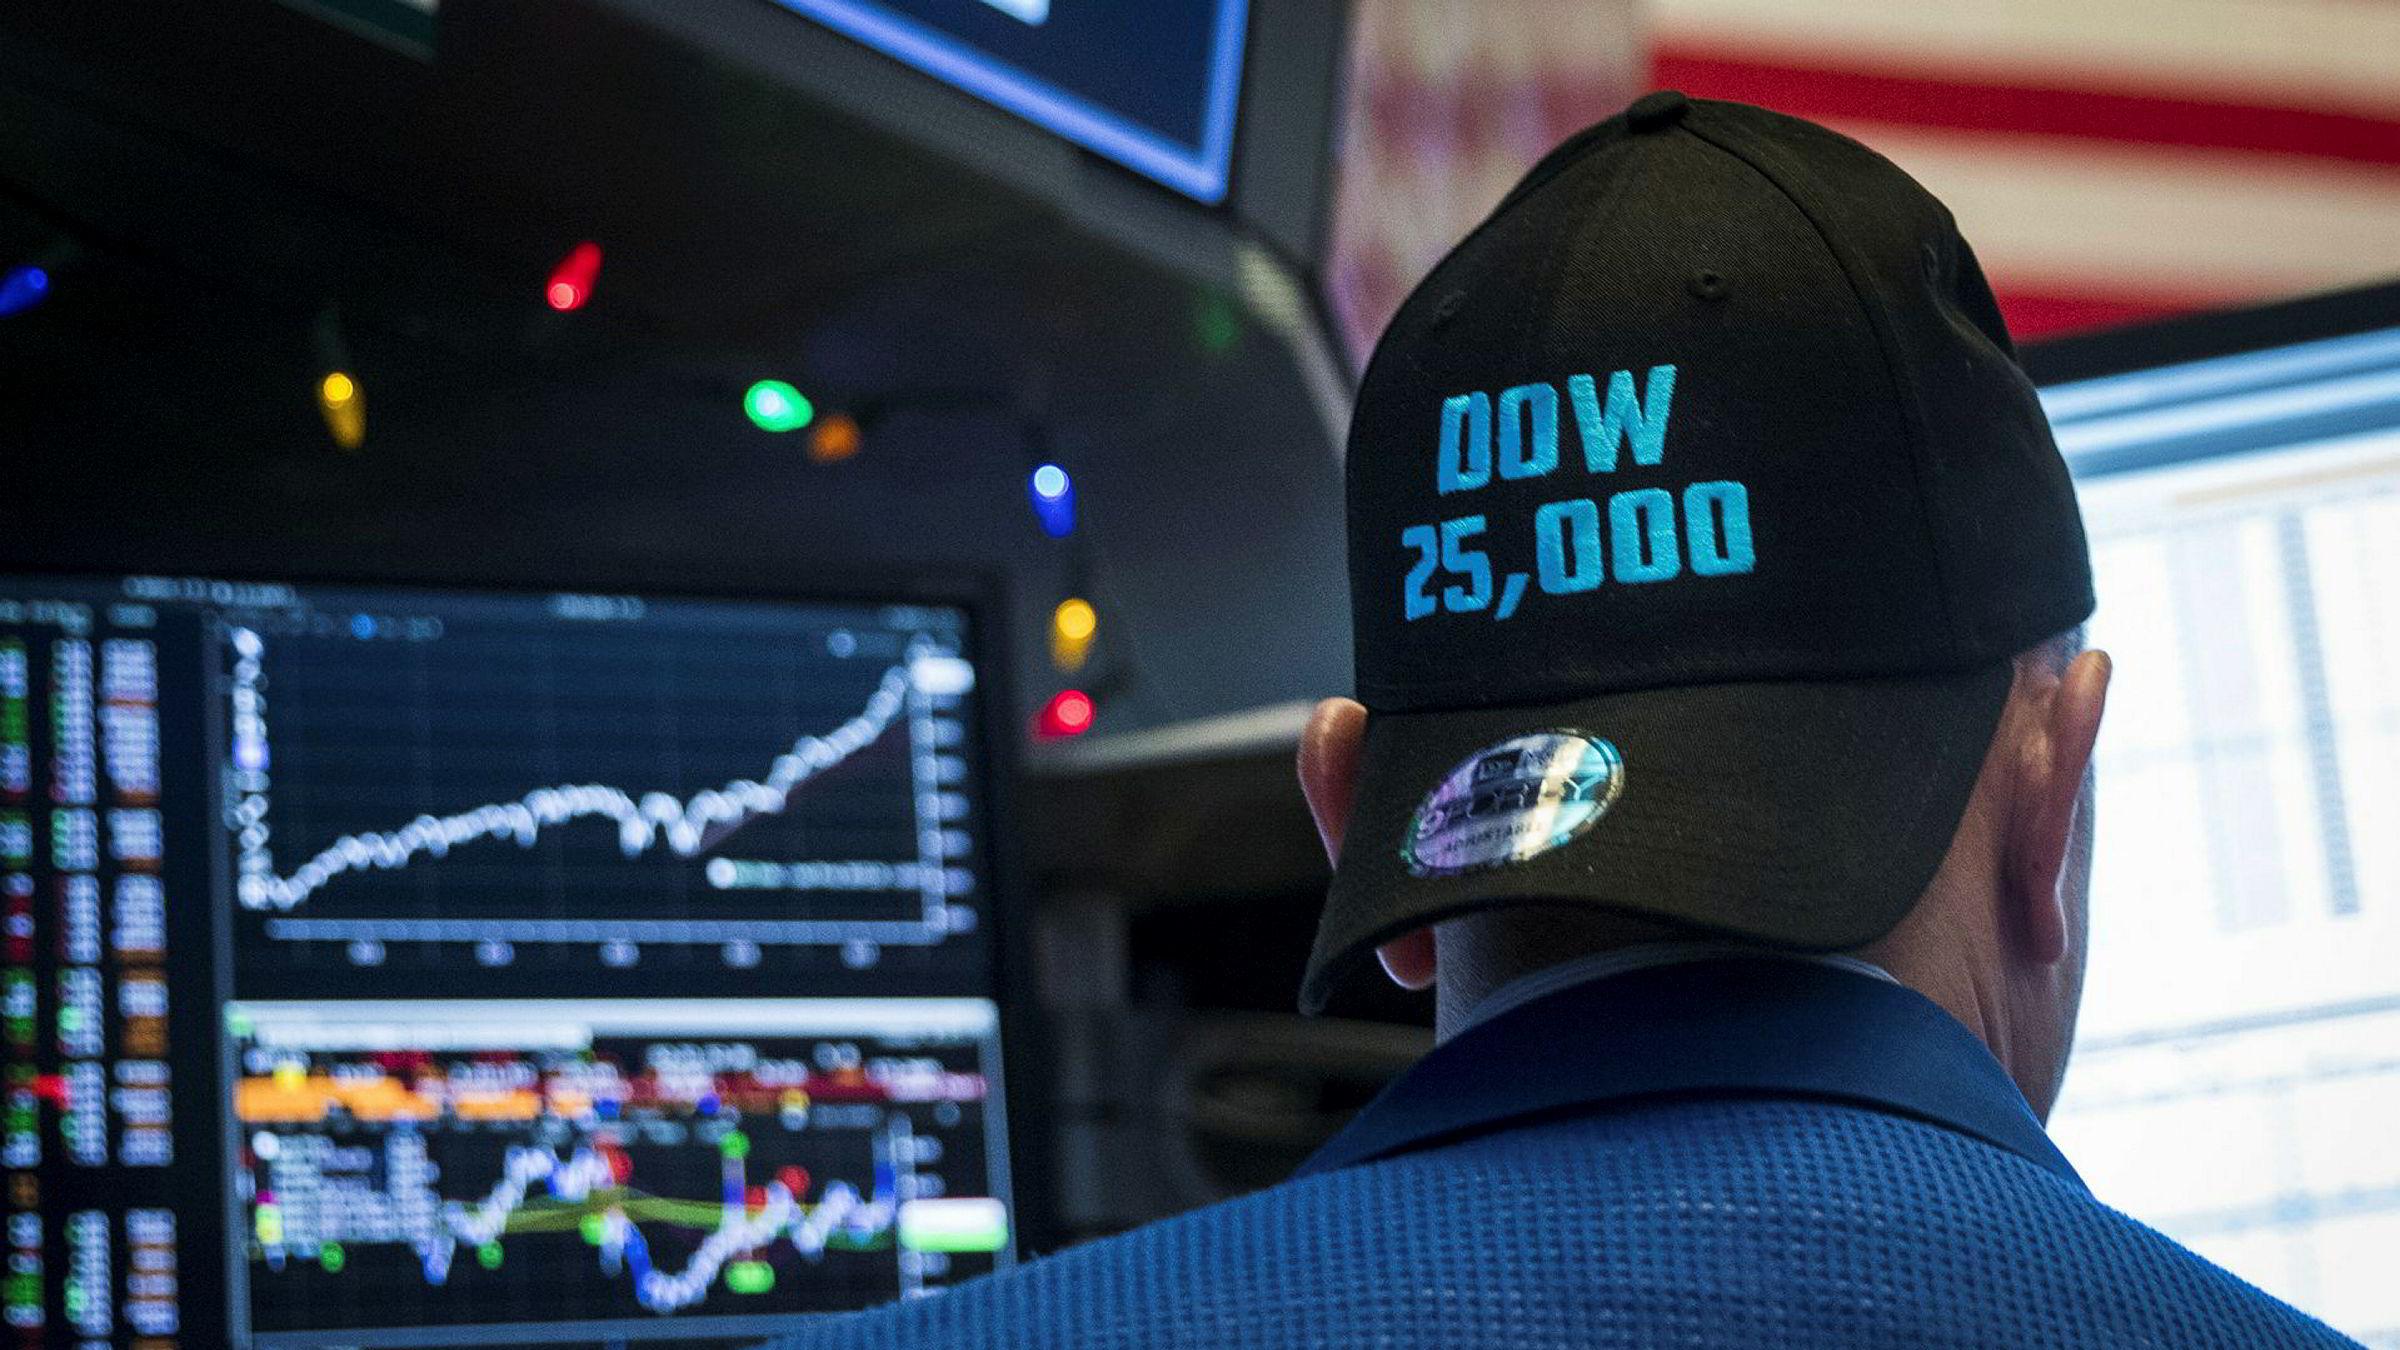 USAs økonomi går på skinner og Dow Jones-indeksne passerte for første gang i historien 25.000 poeng forrige uke. Det kan bidra til å sikre fortsatt støtte til Donald Trump.